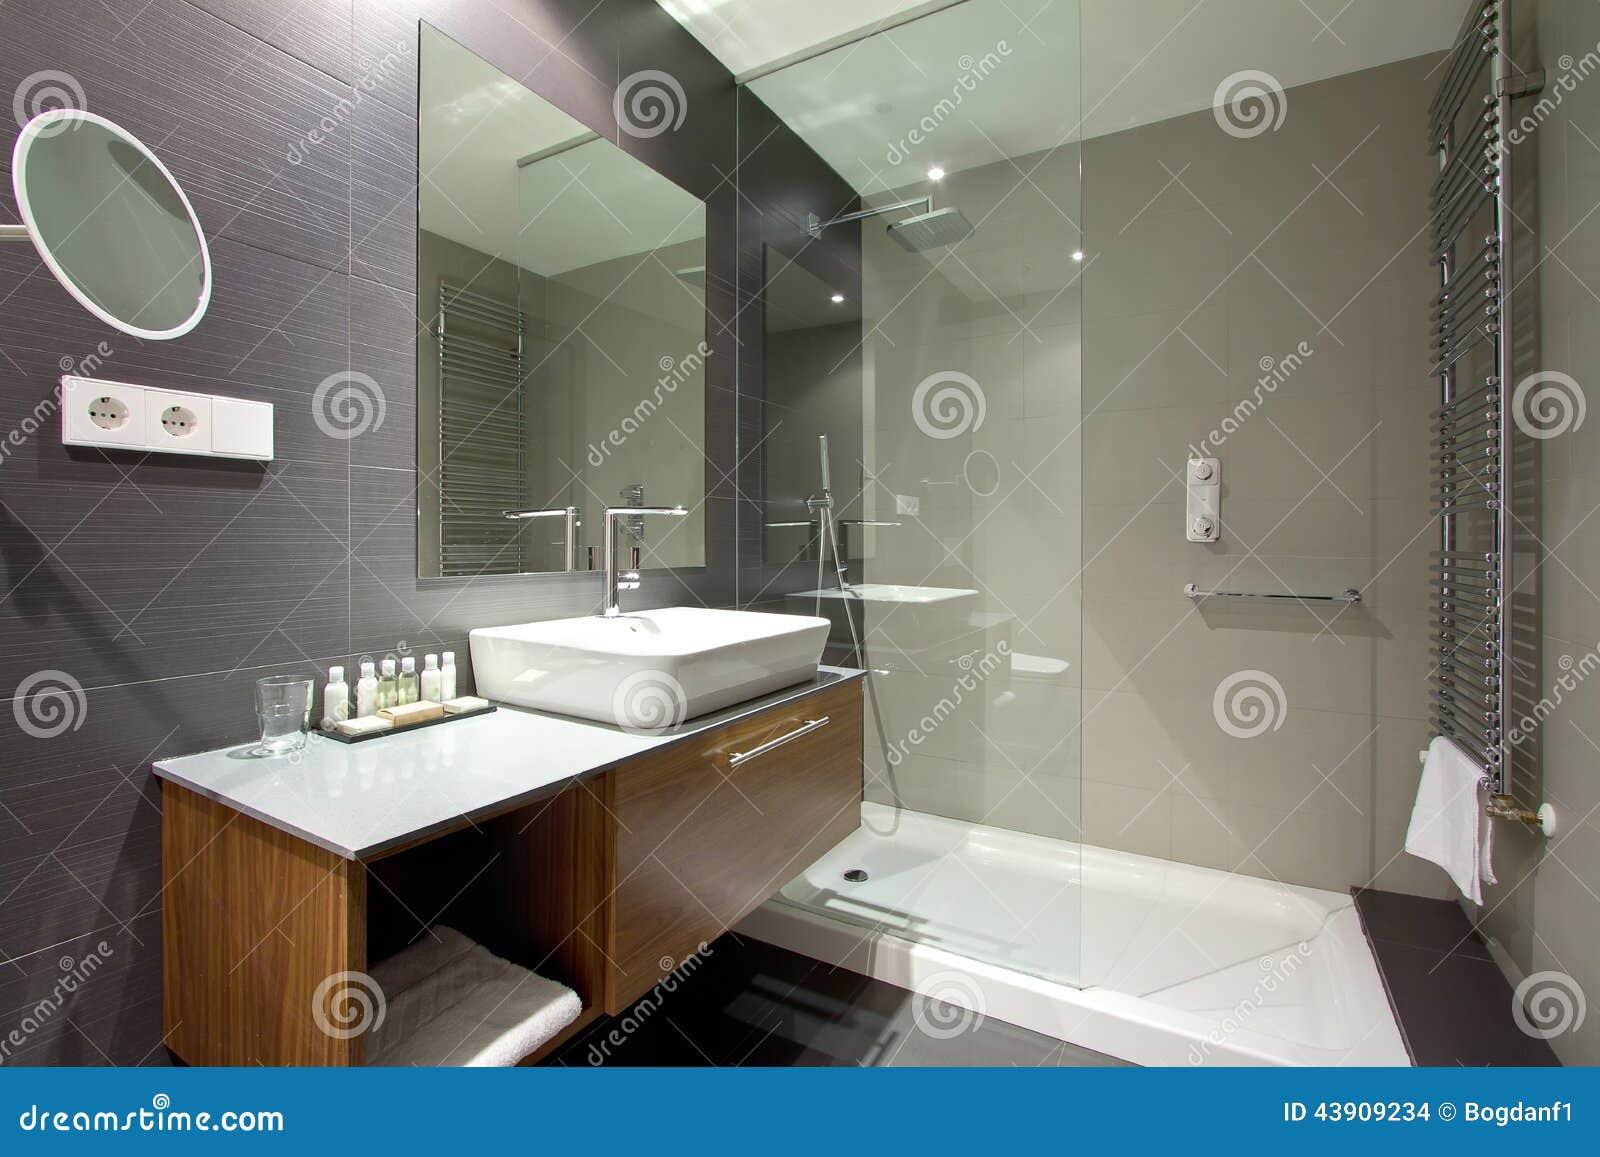 Cuarto de ba o lujoso del centro tur stico del hotel foto for Precio hacer un cuarto de bano nuevo